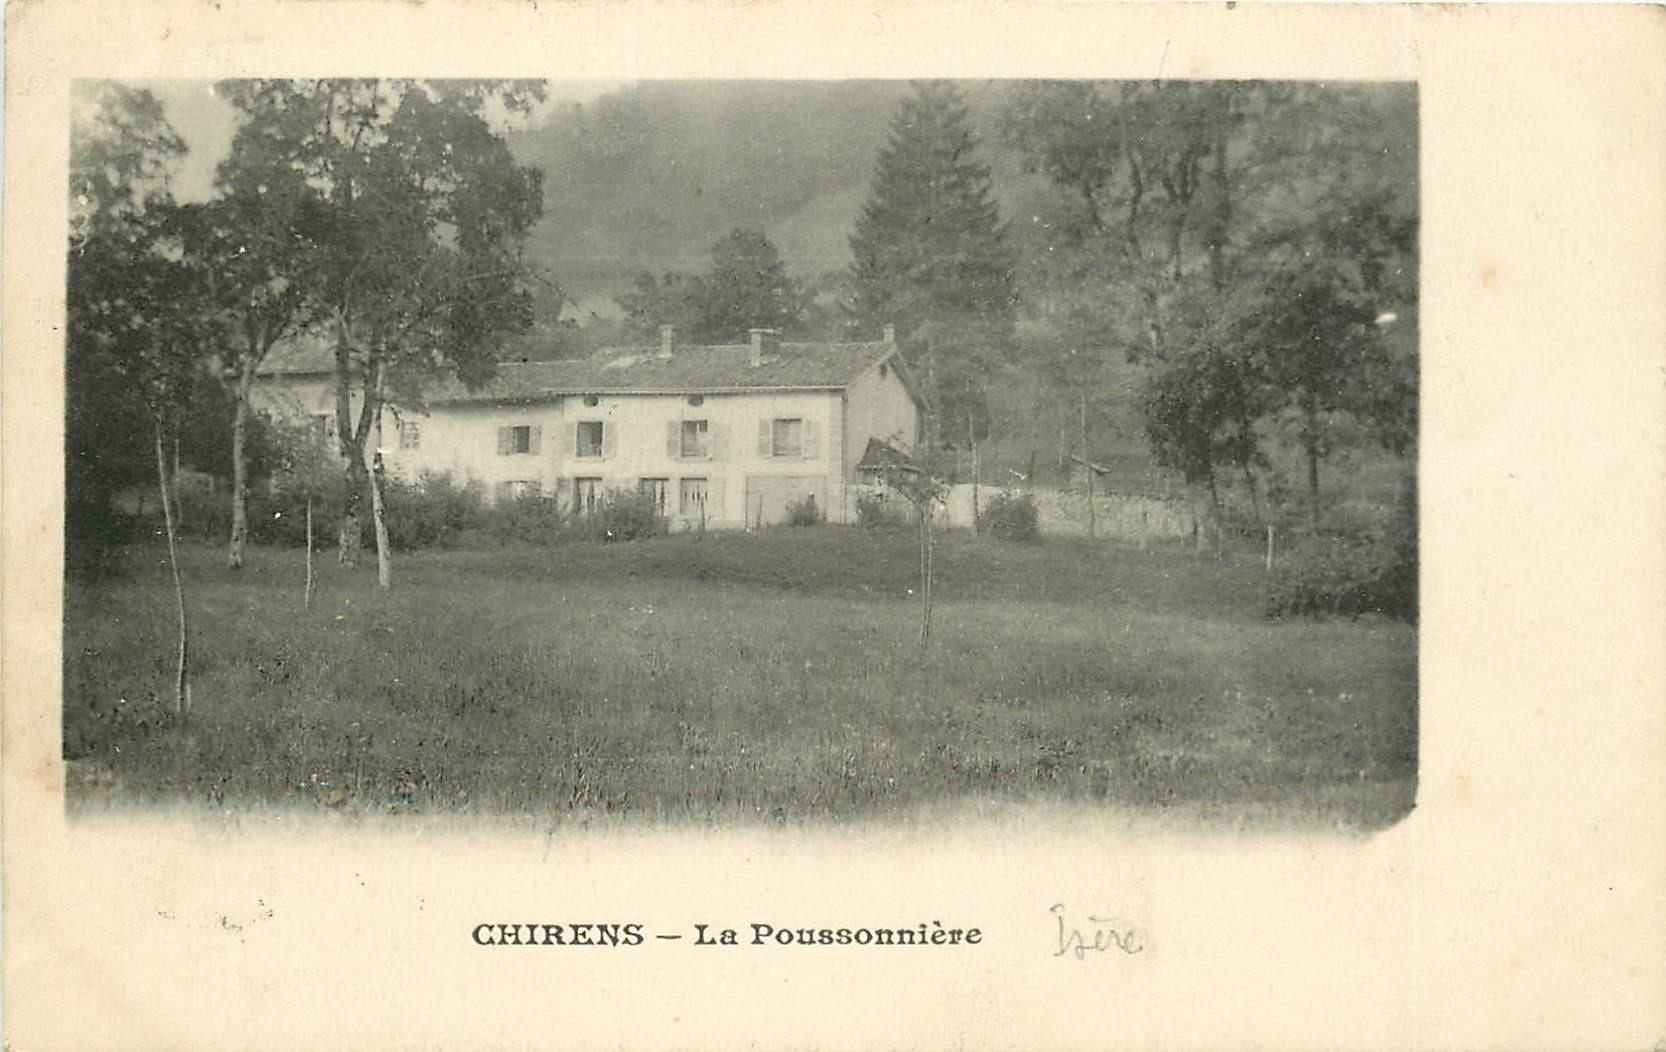 WW 38 CHIRENS. La Poussonnière 1912